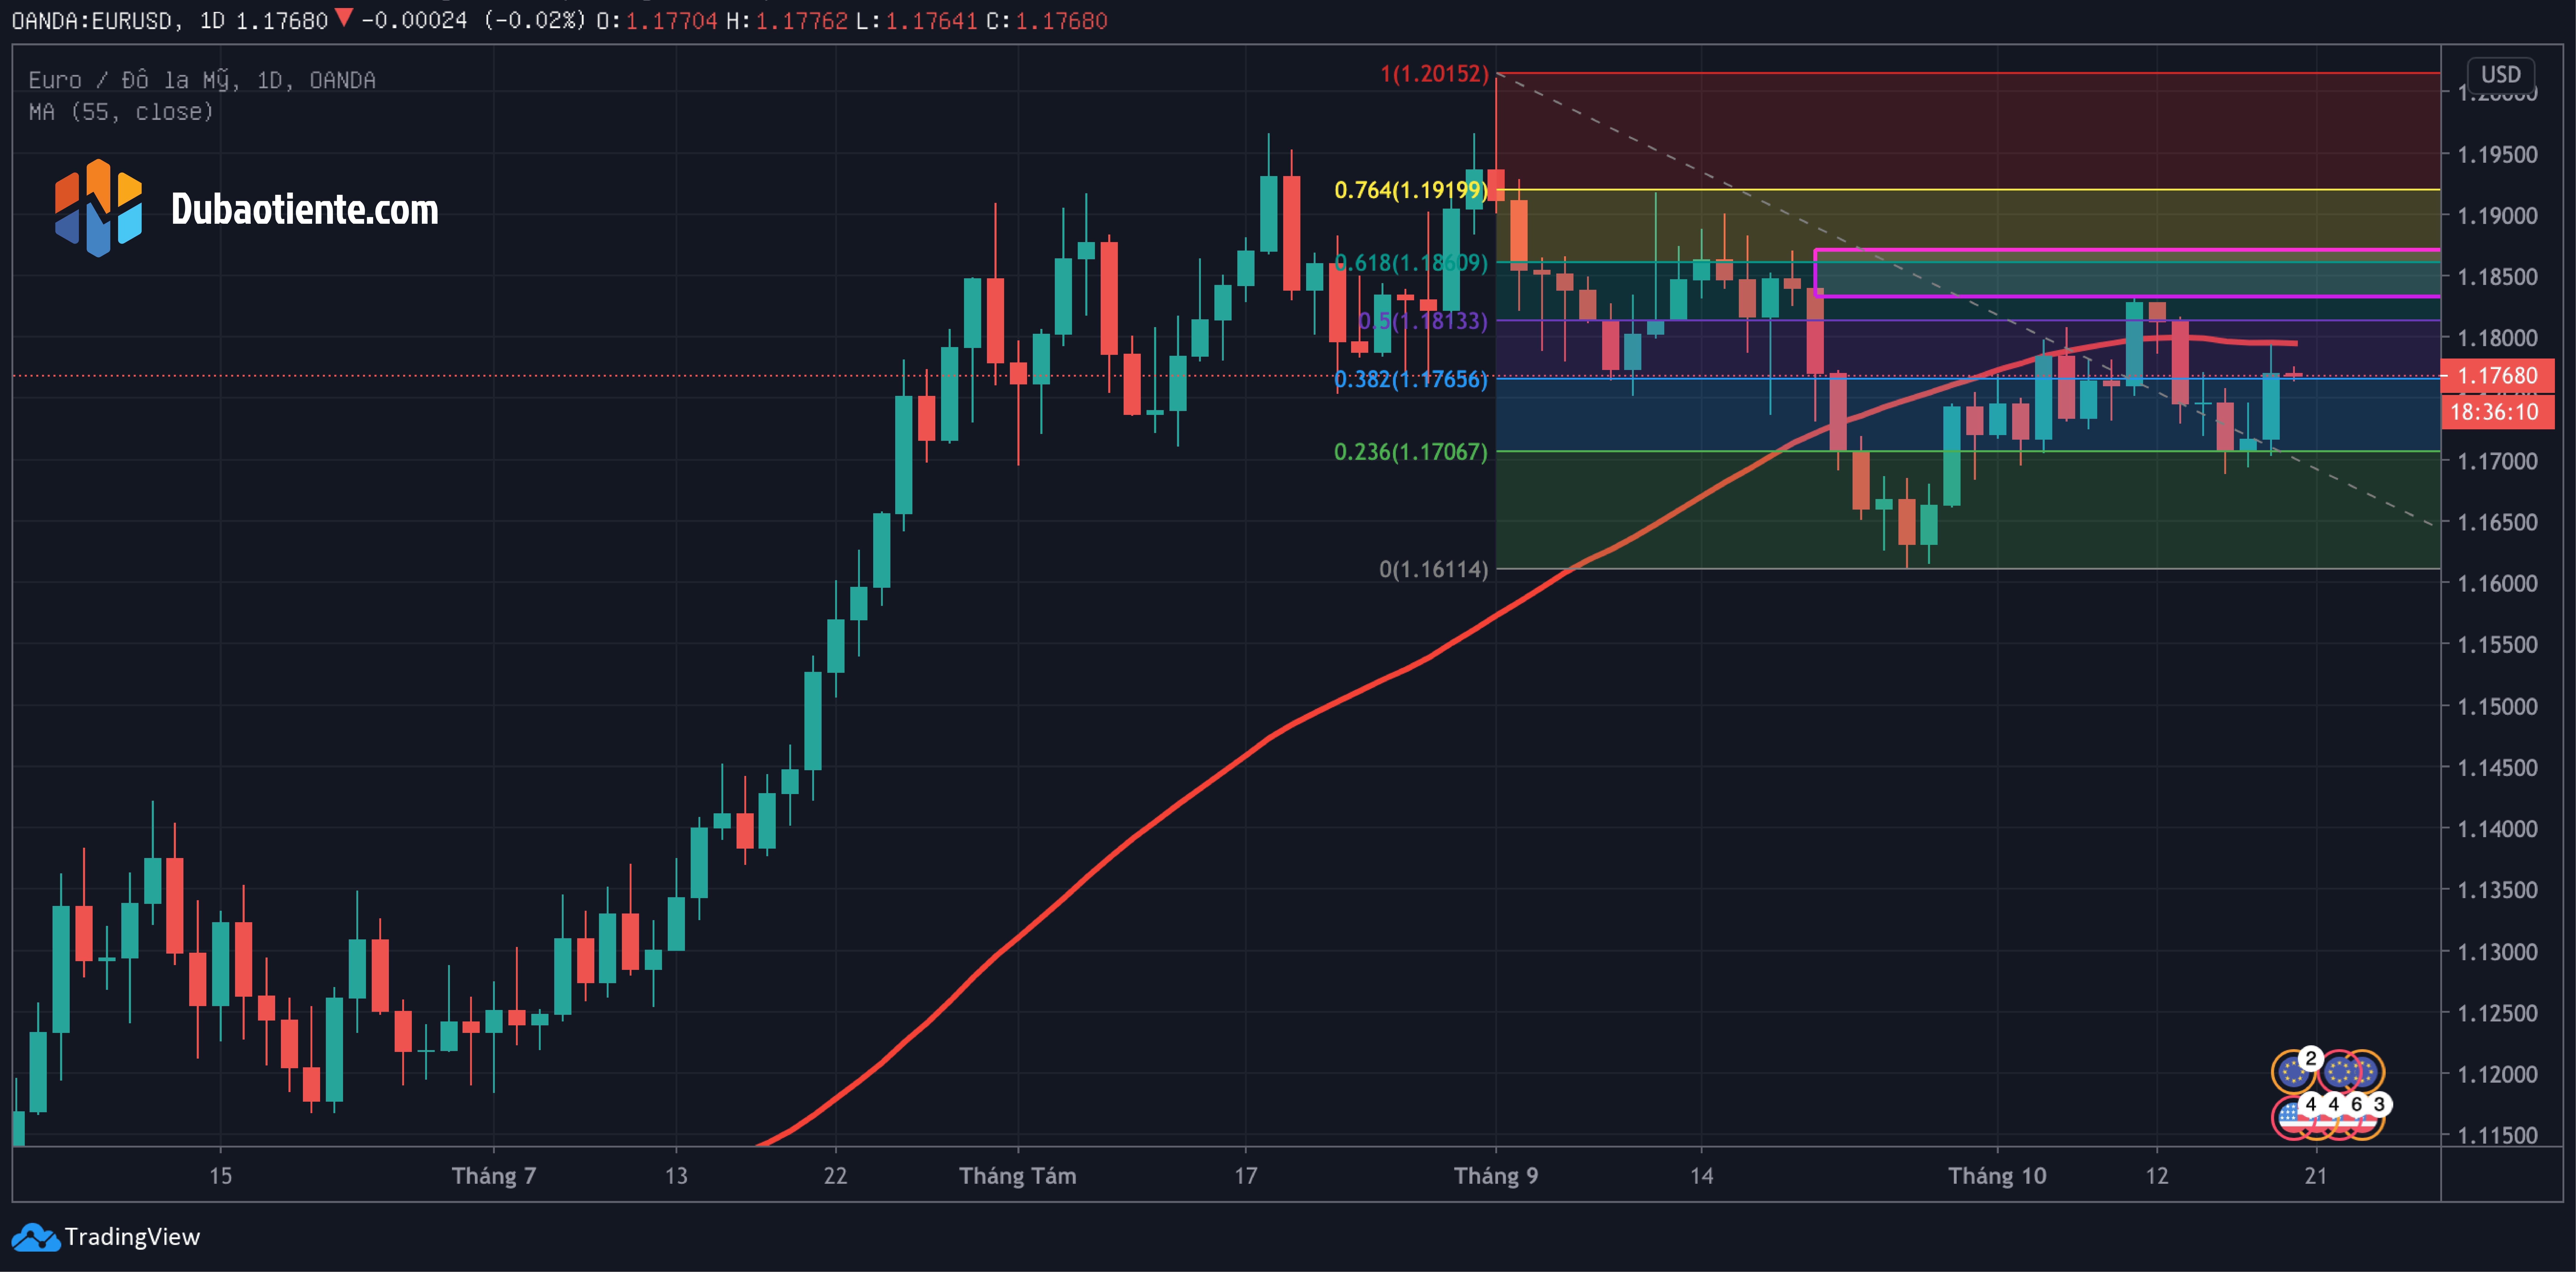 Biểu đồ daily tỷ giá EUR/USD. Ảnh: Tradingview.